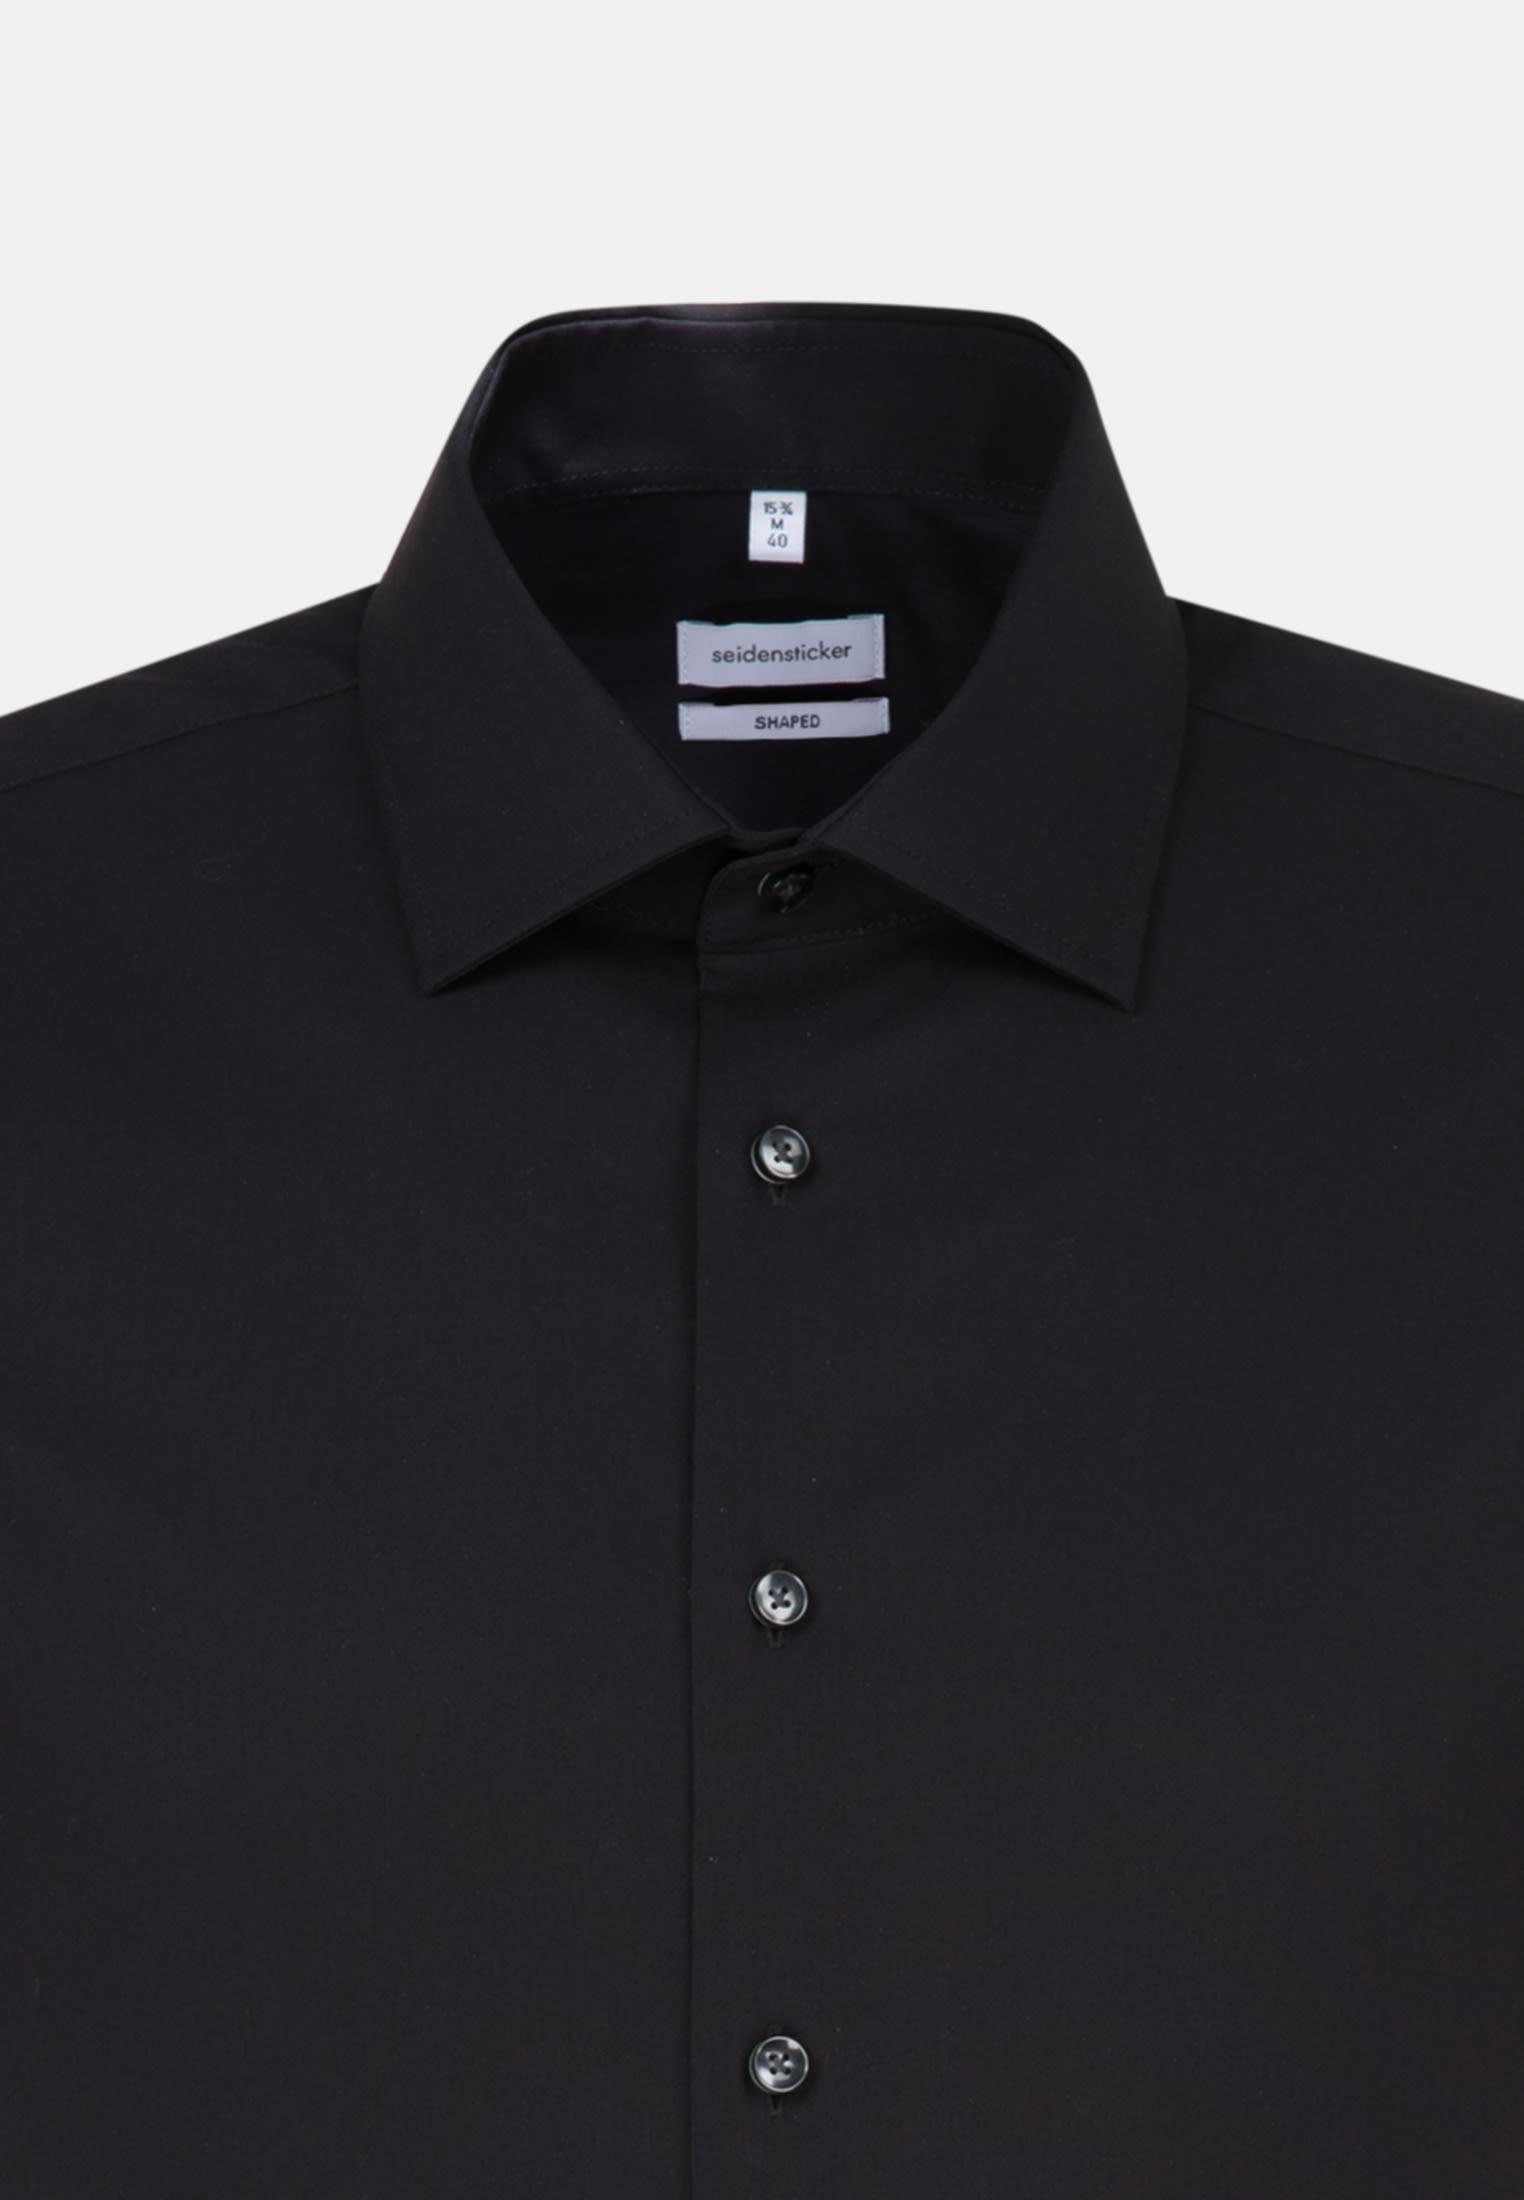 Bügelfreies Popeline Kurzarm Business Hemd in Shaped mit Kentkragen in Schwarz |  Seidensticker Onlineshop